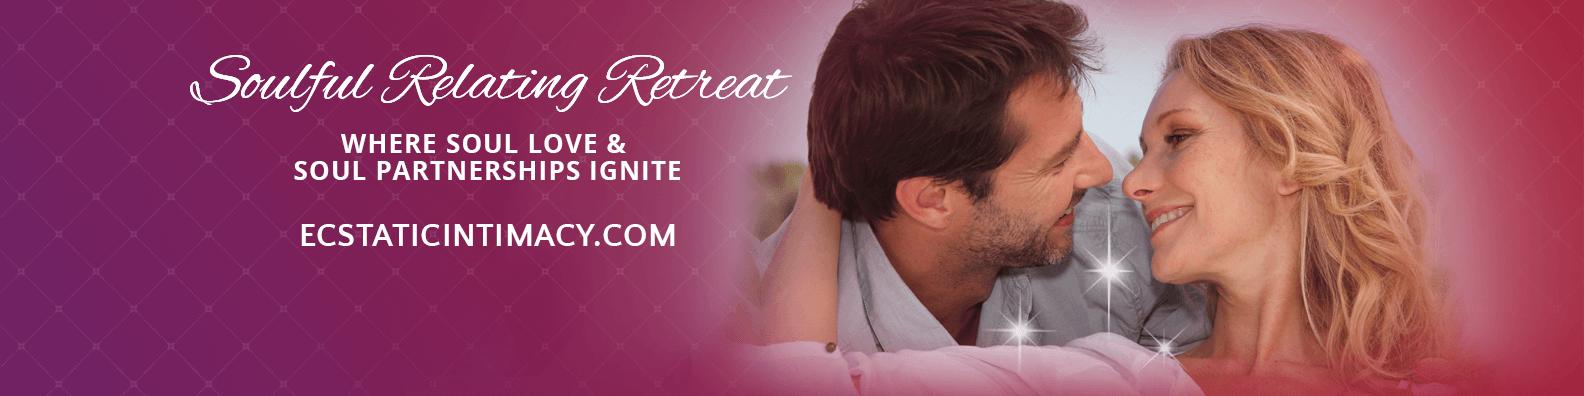 Soulful Relating Retreat